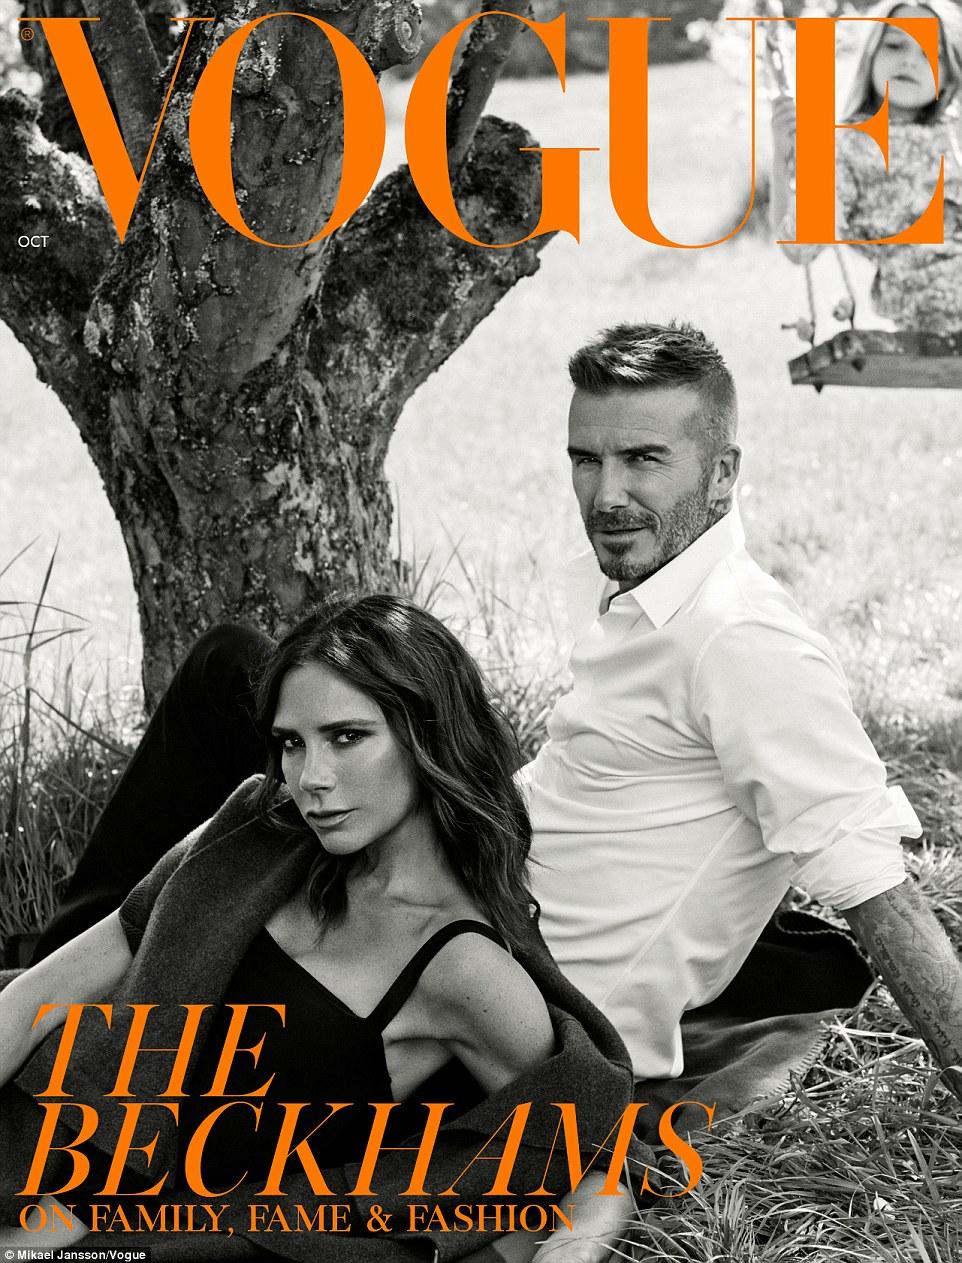 Power couple: Victoria et David Beckham ont uni leurs forces pour une deuxième couverture de VOGUE après avoir écarté les rumeurs de scission, posant ensemble sur l'édition de publication de l'abonné